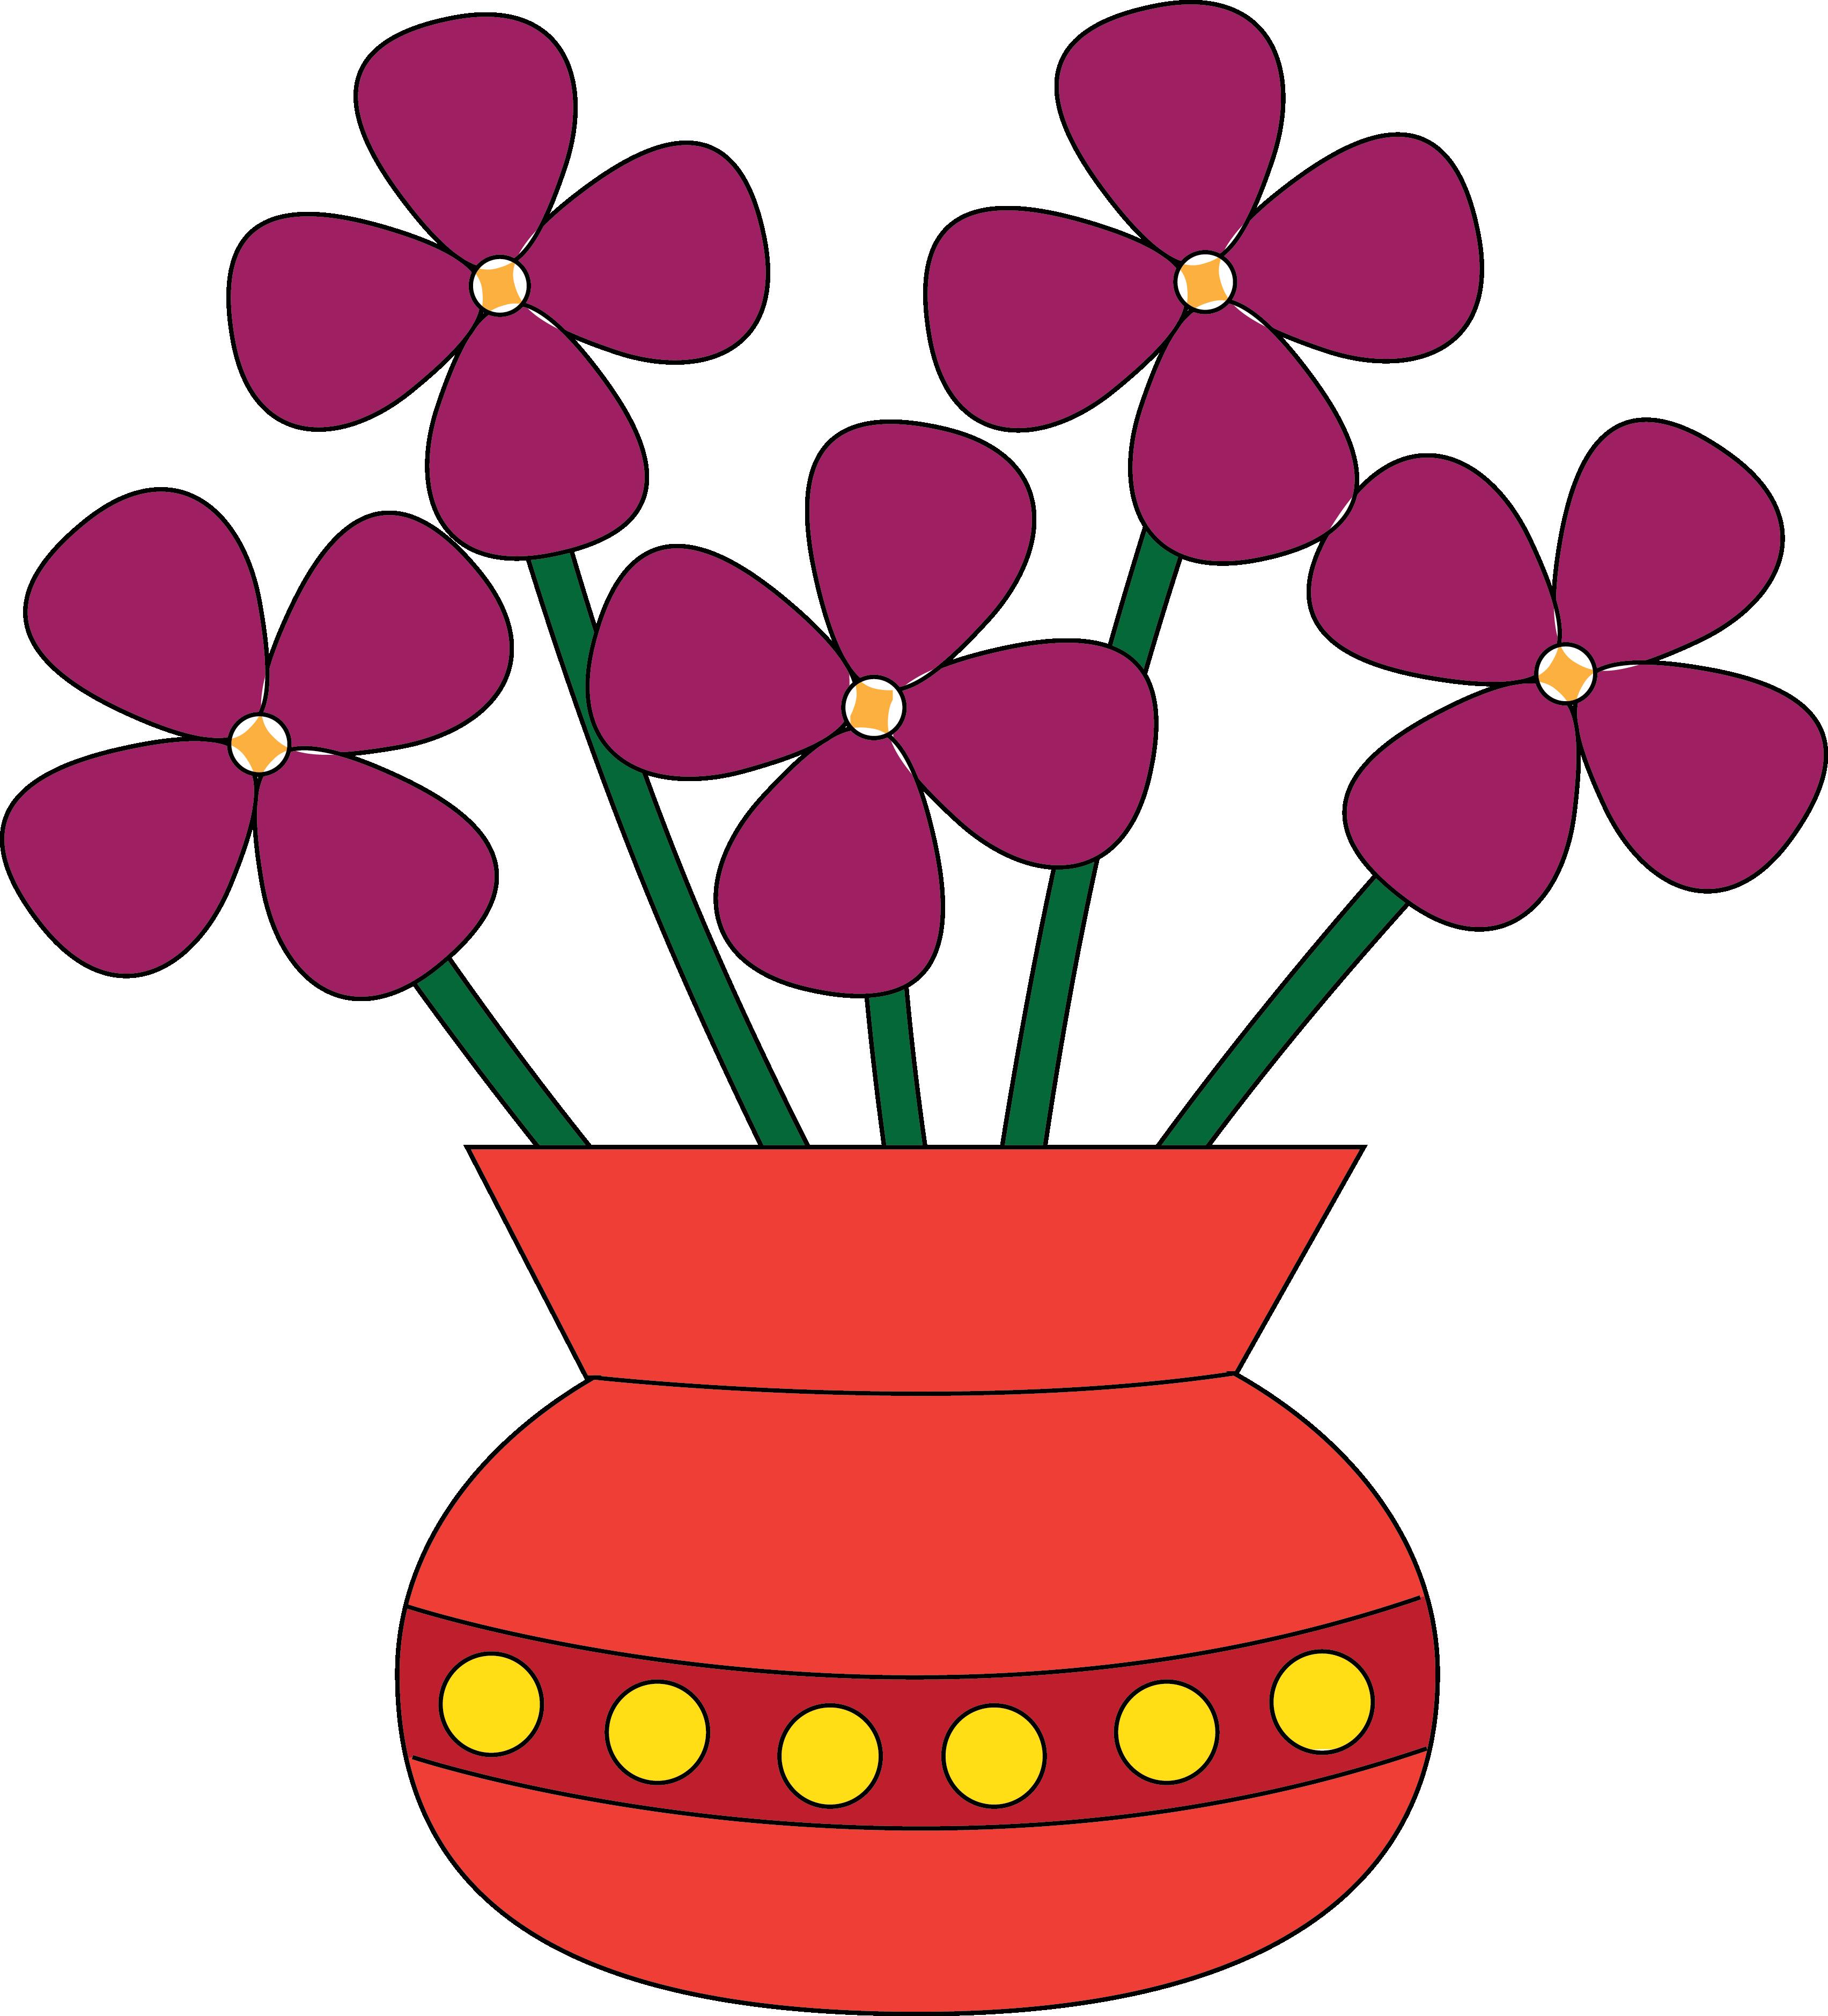 6 Petal Flower Clip Art ClipArt Best